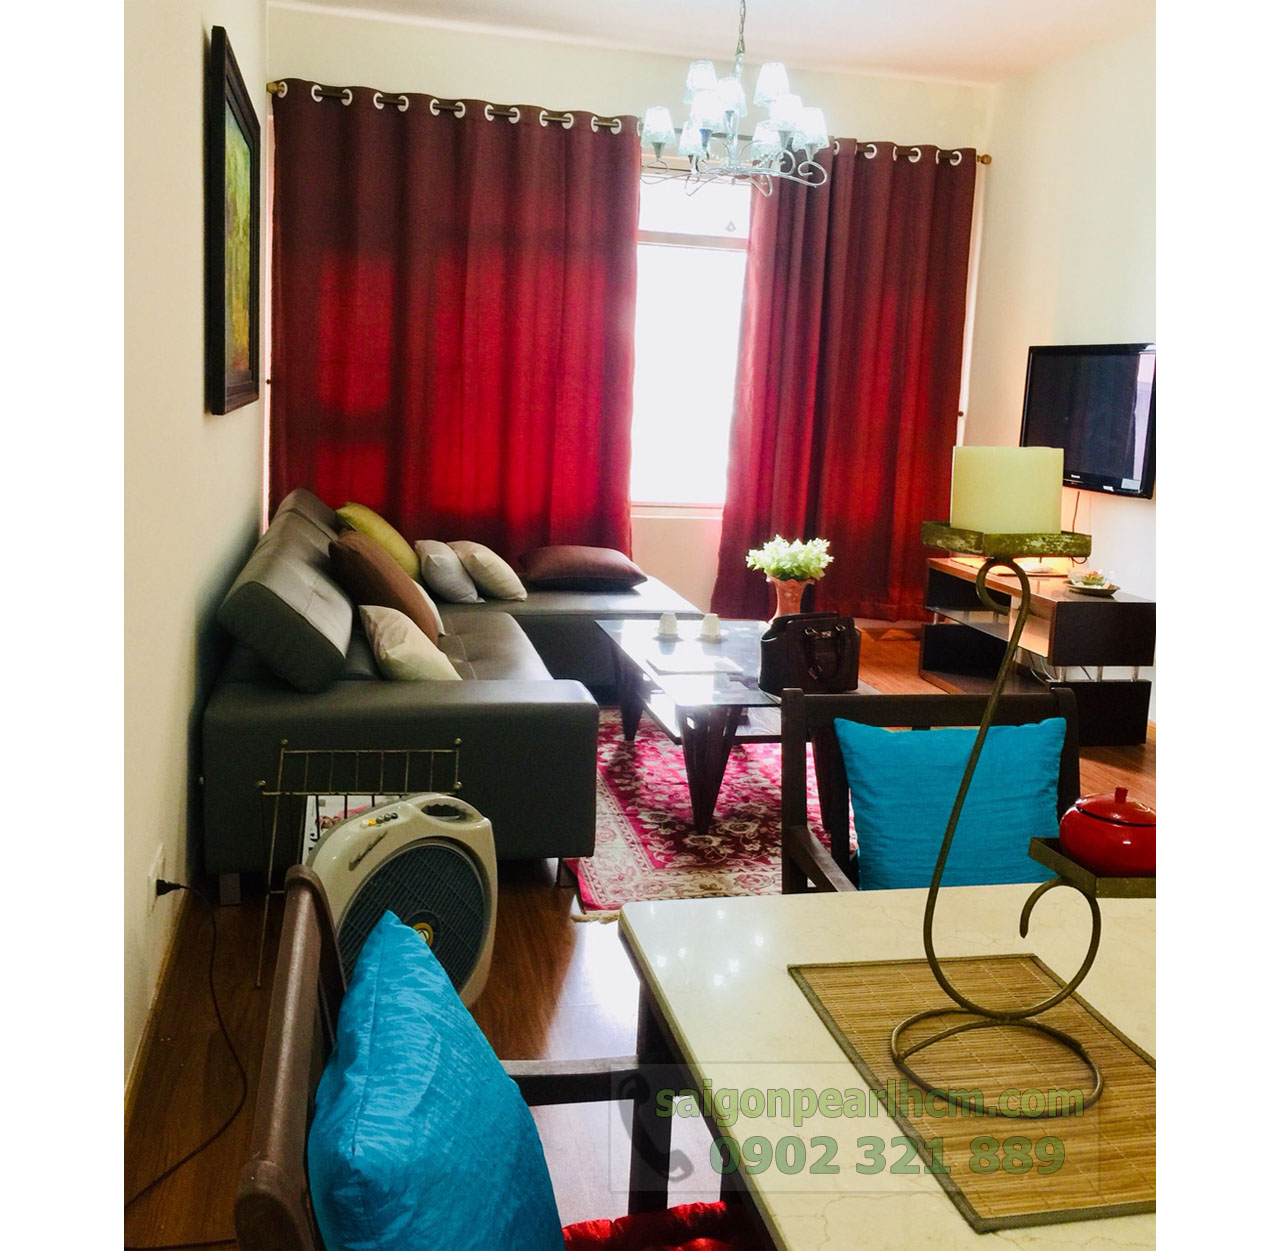 Cho thuê căn hộ Sapphire 2 Saigon Pearl - hình 5